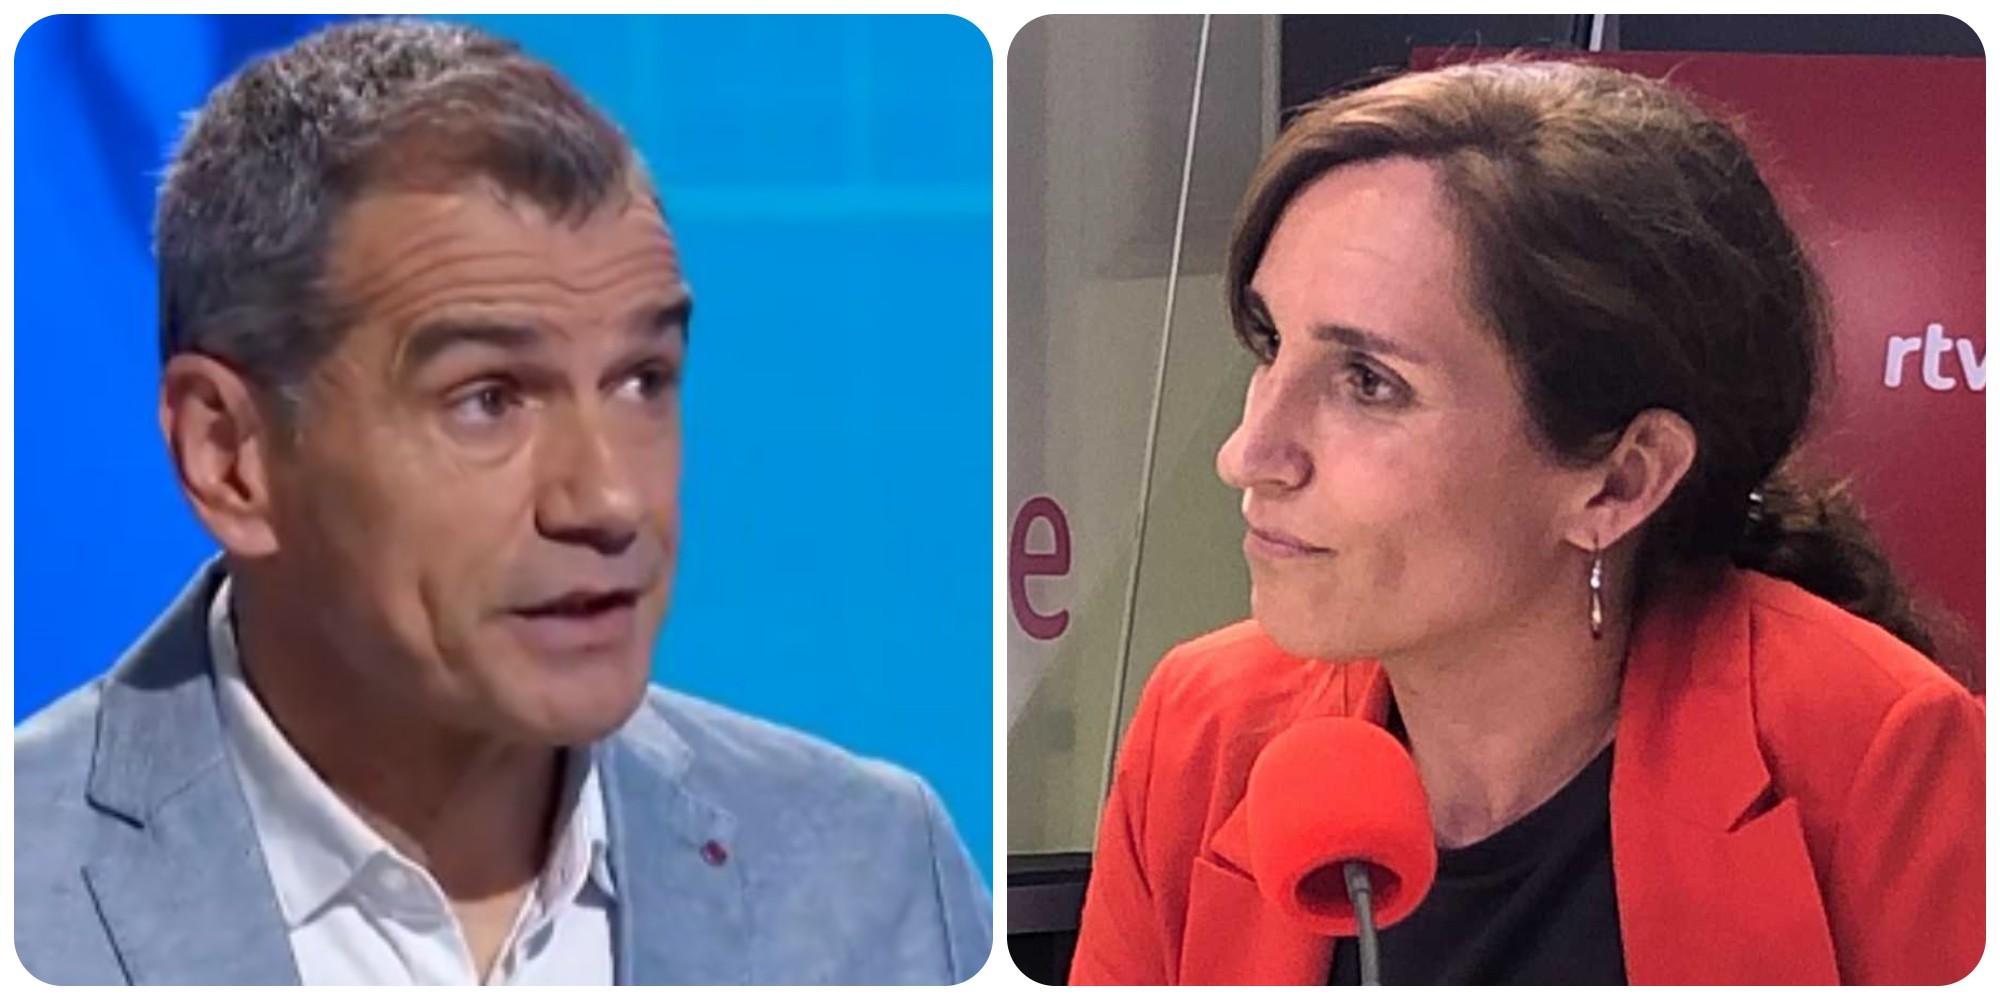 Cantó (PP) sopapea a García (Más Madrid) por los 50.000 euros gastados en un ático para la campaña electoral